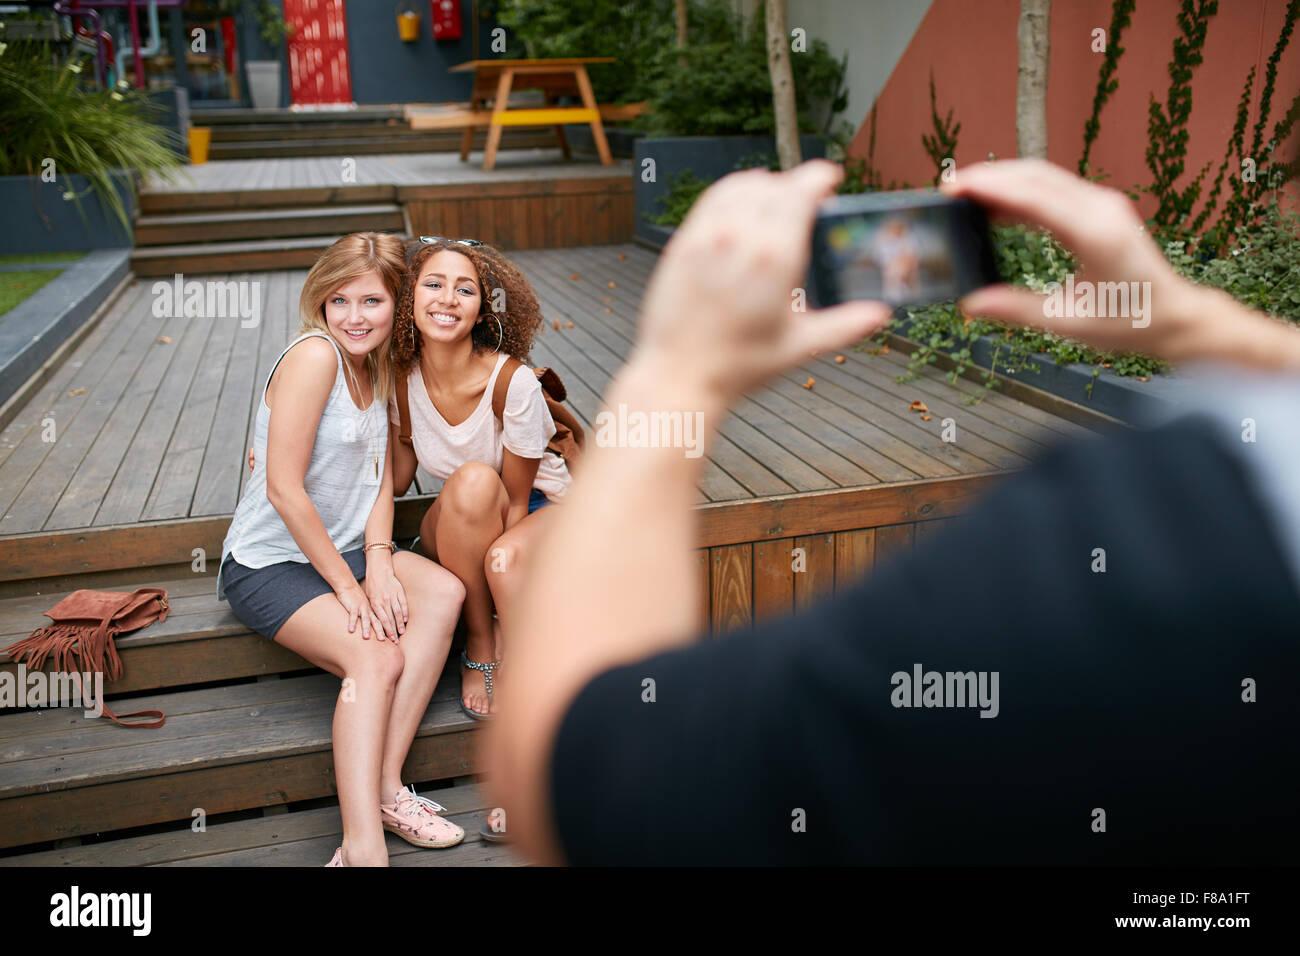 Dos jóvenes mujeres sentadas juntas posando para una foto está teniendo por su amigo. El hombre tomando Imagen De Stock